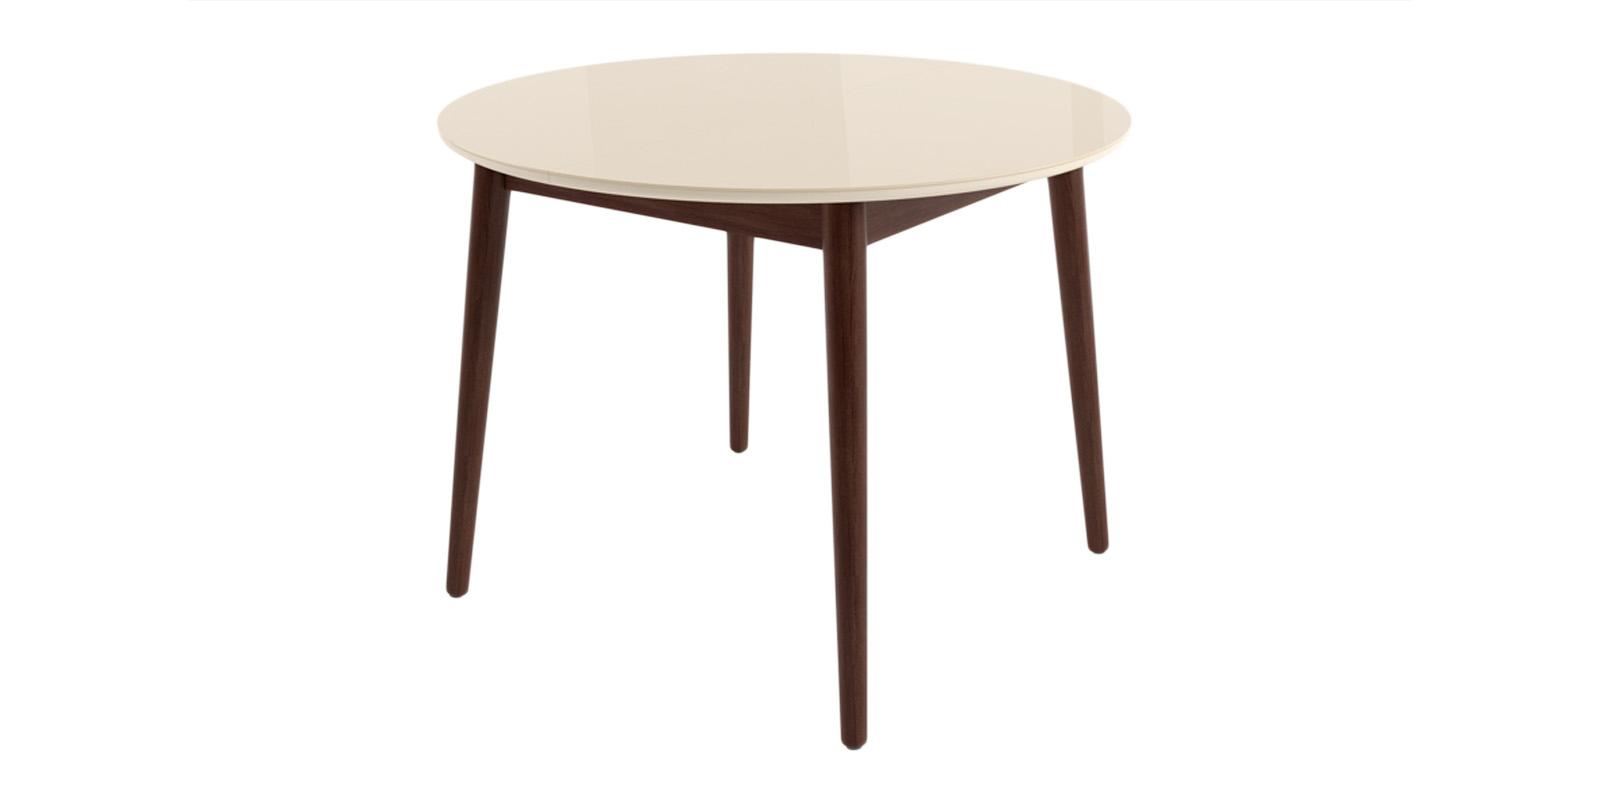 Купить Обеденный стол Бейз круглый (кремовый/темное дерево), HomeMe